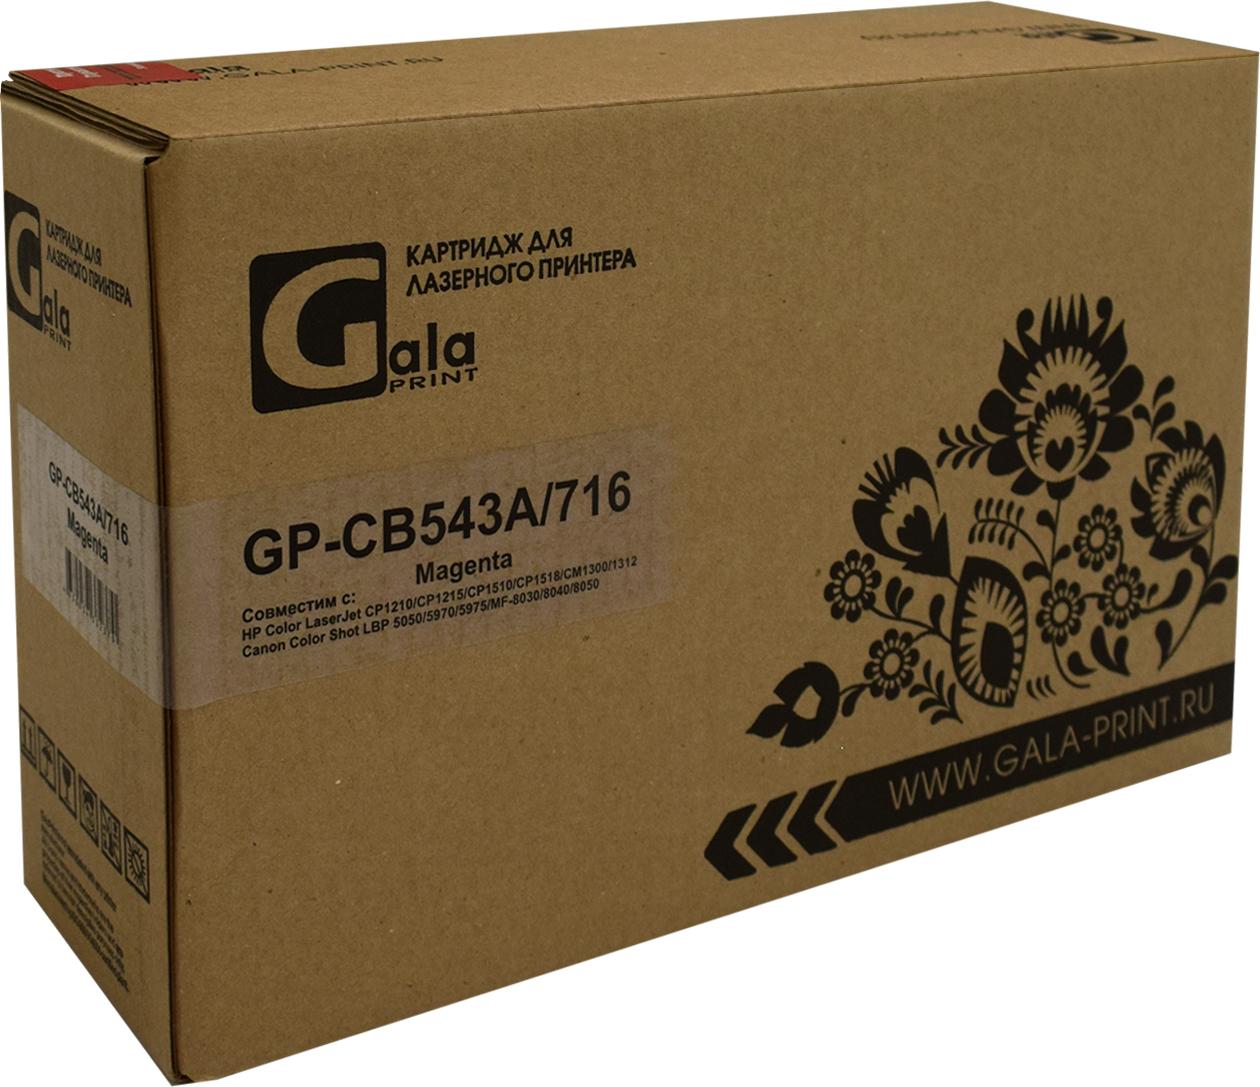 Картридж GalaPrint GP-CB543A/716M